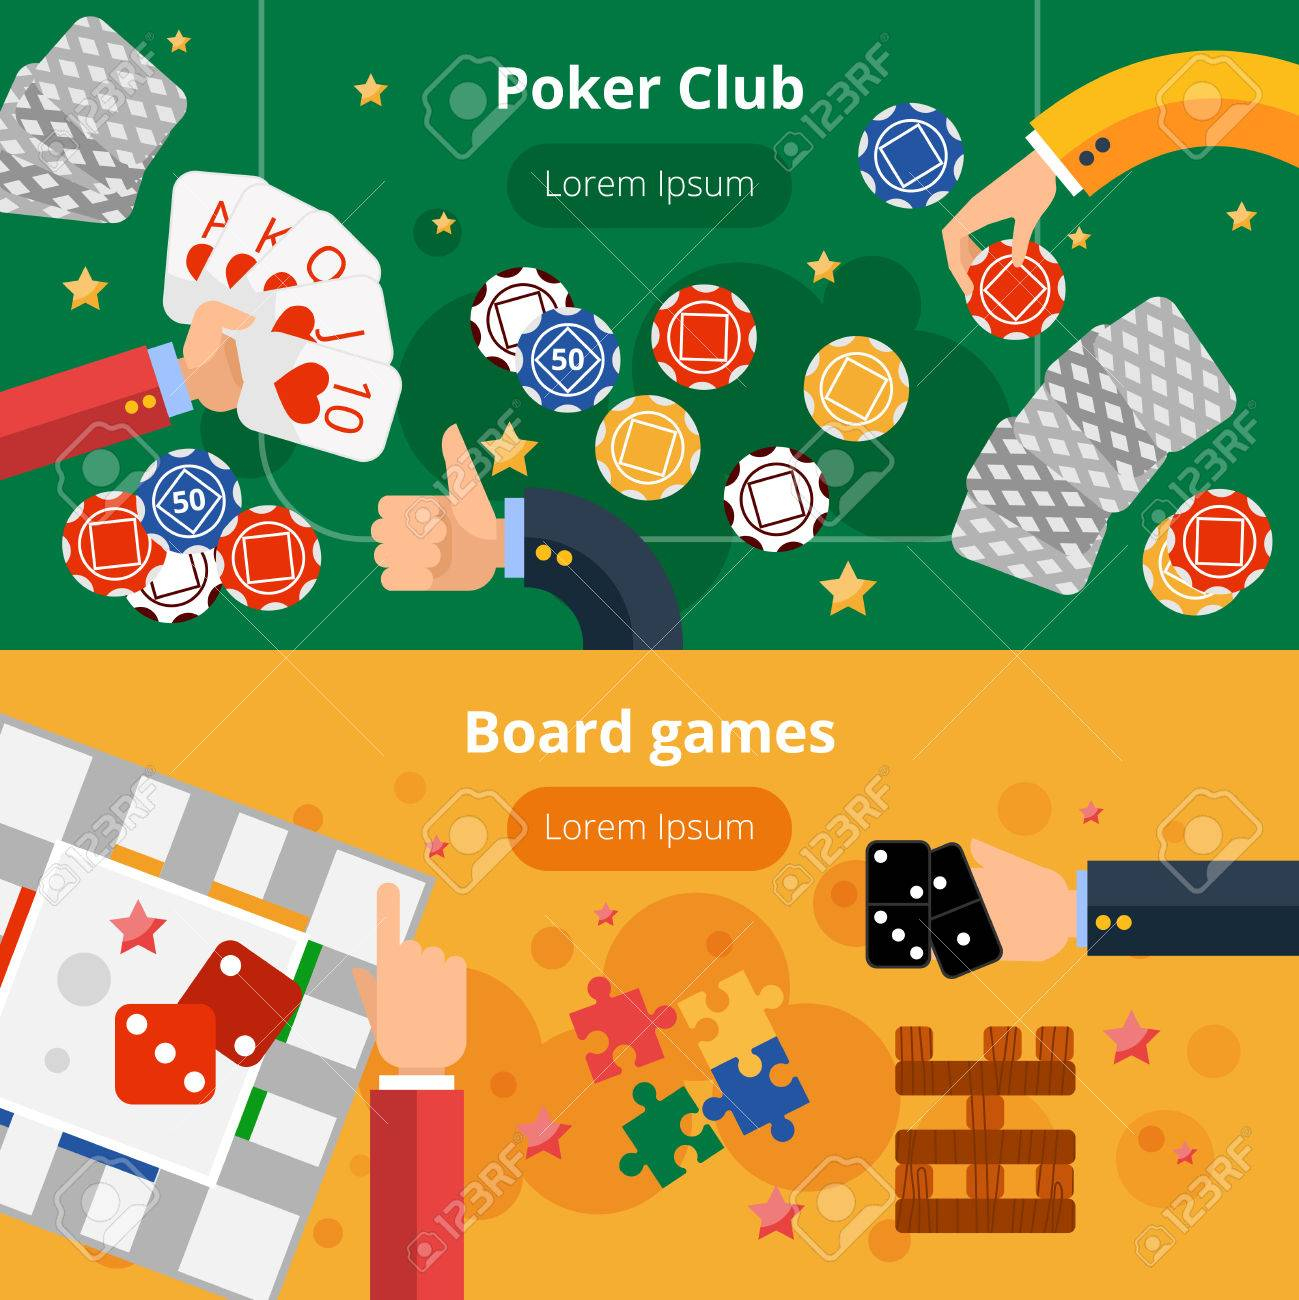 Club De Poker En Ligne Et Jeux De Hasard De Pages Web Interactif Deux  Bannières Plates Conception Abstraite Isolé Illustration Vectorielle destiné Jeux A Deux En Ligne